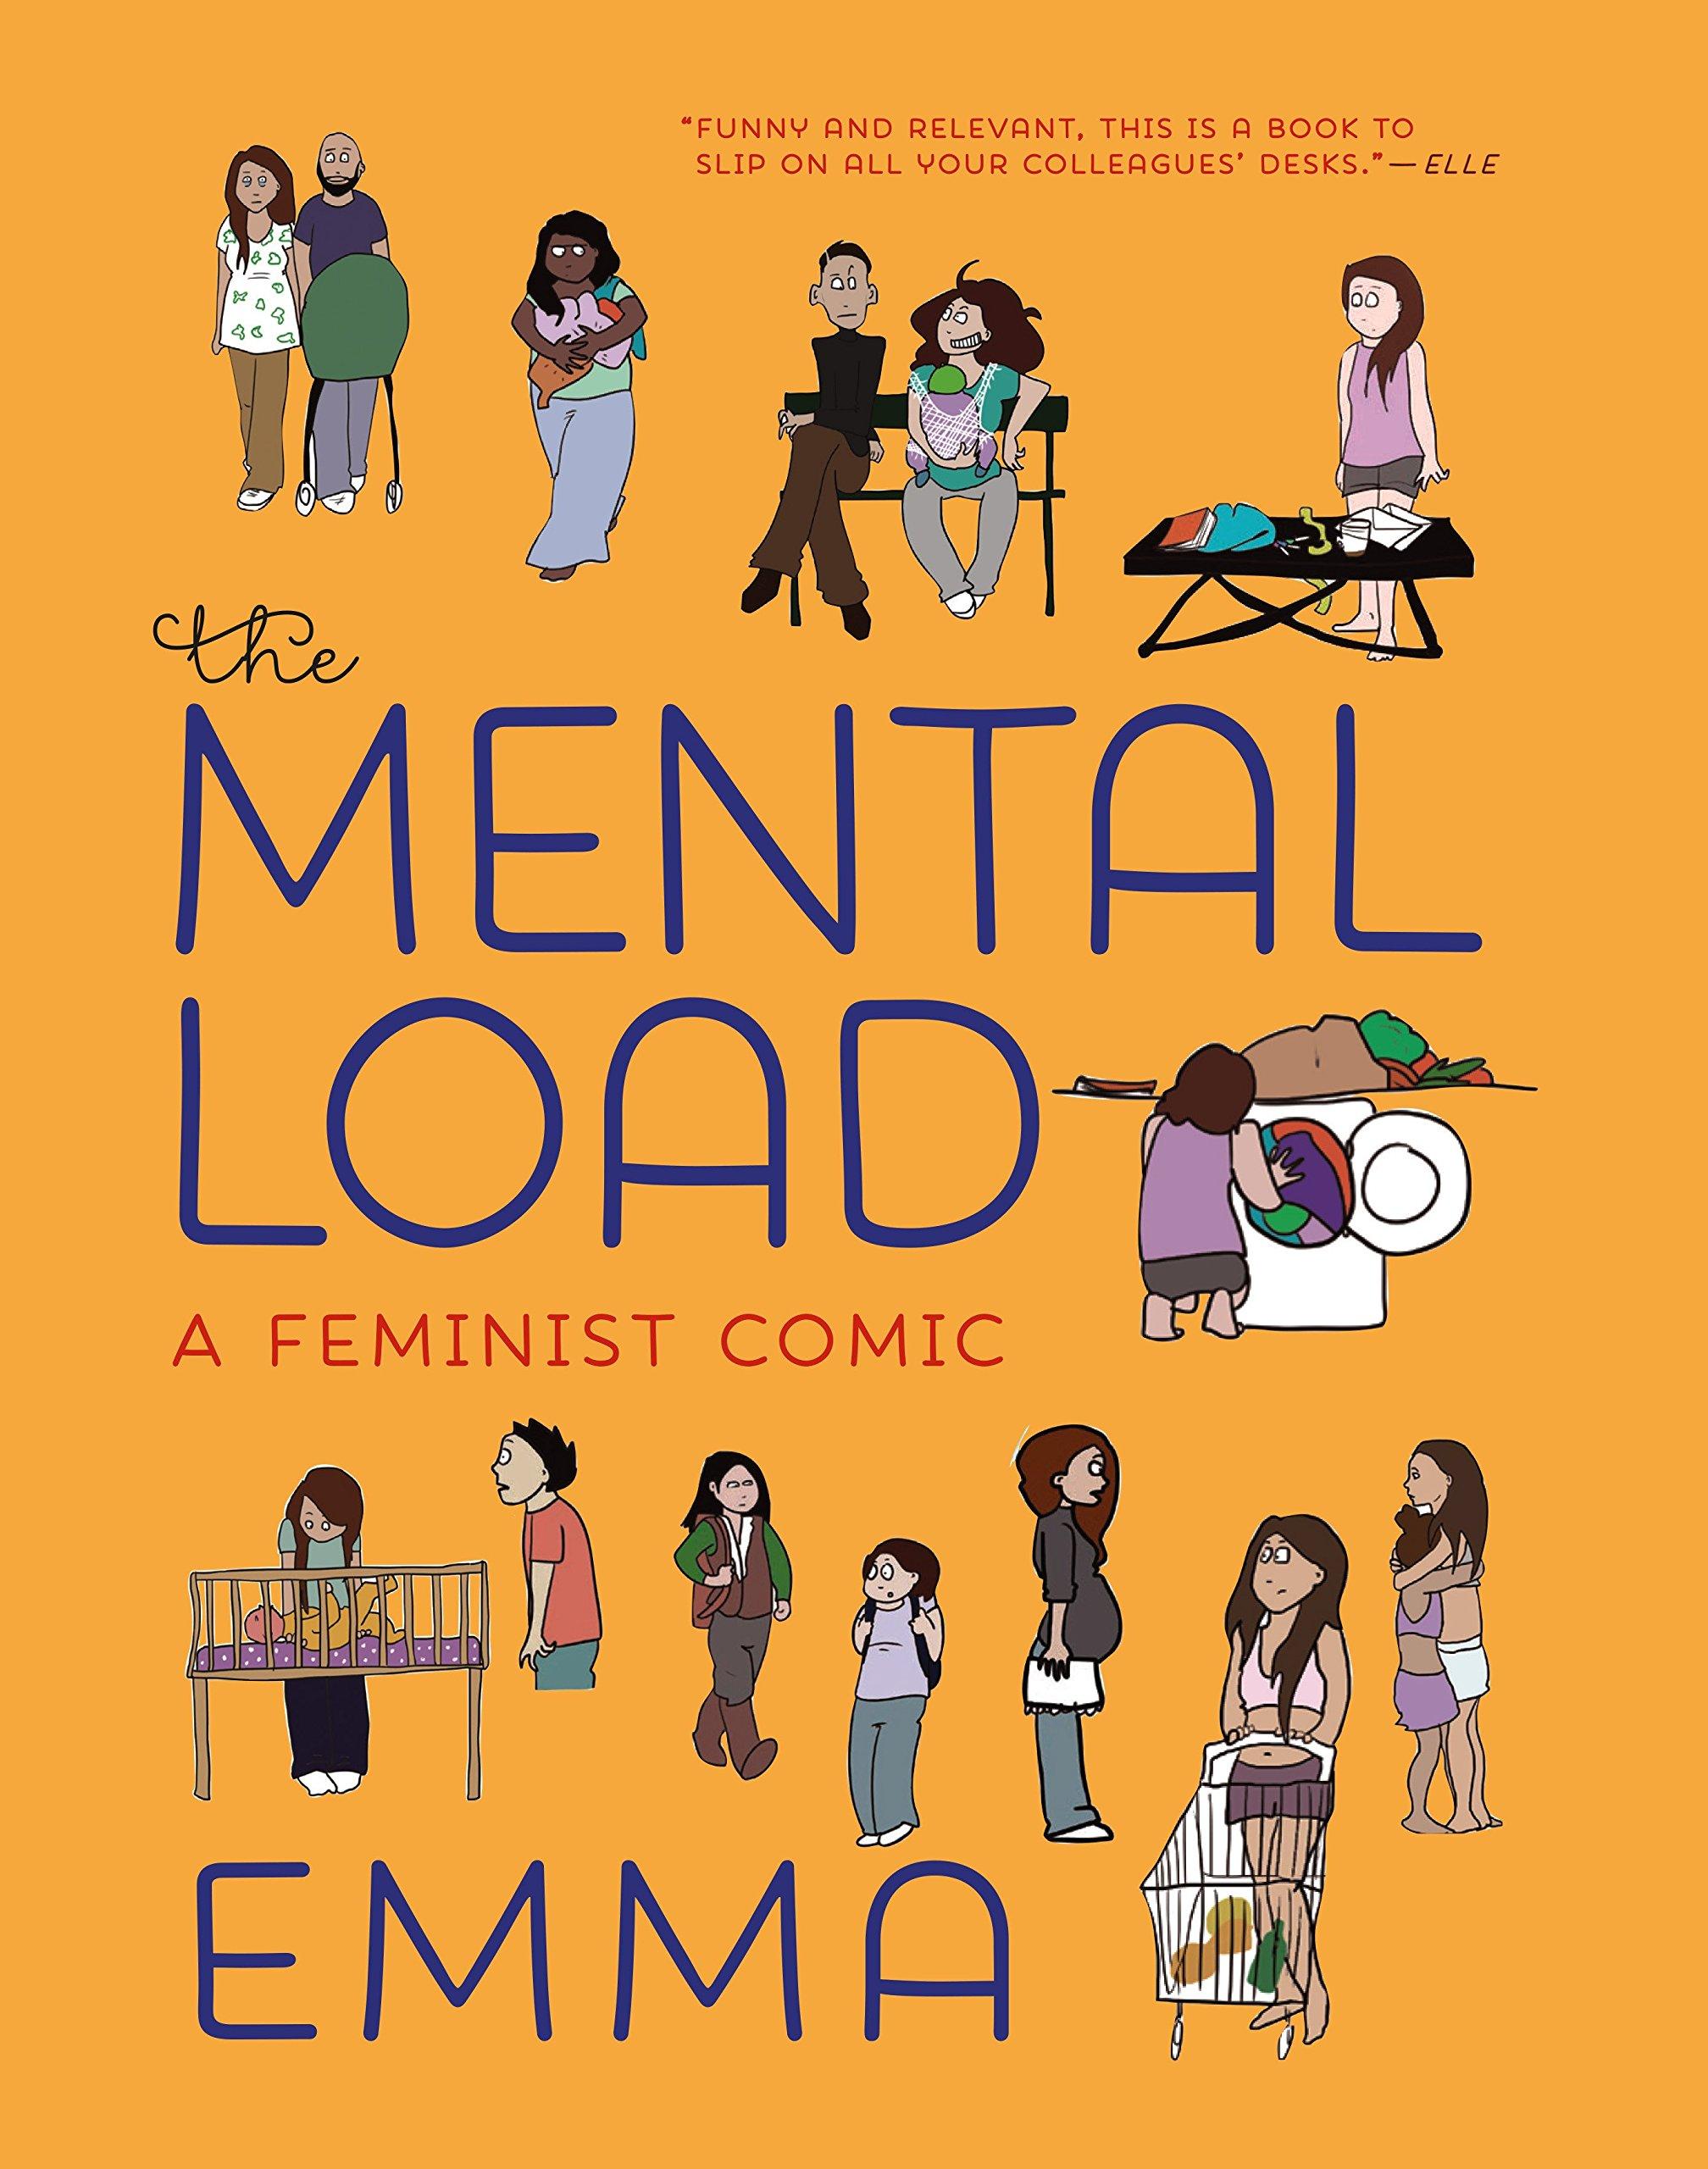 The Mental Load: A Feminist Comic: Emma: 9781609809188: Amazon.com: Books